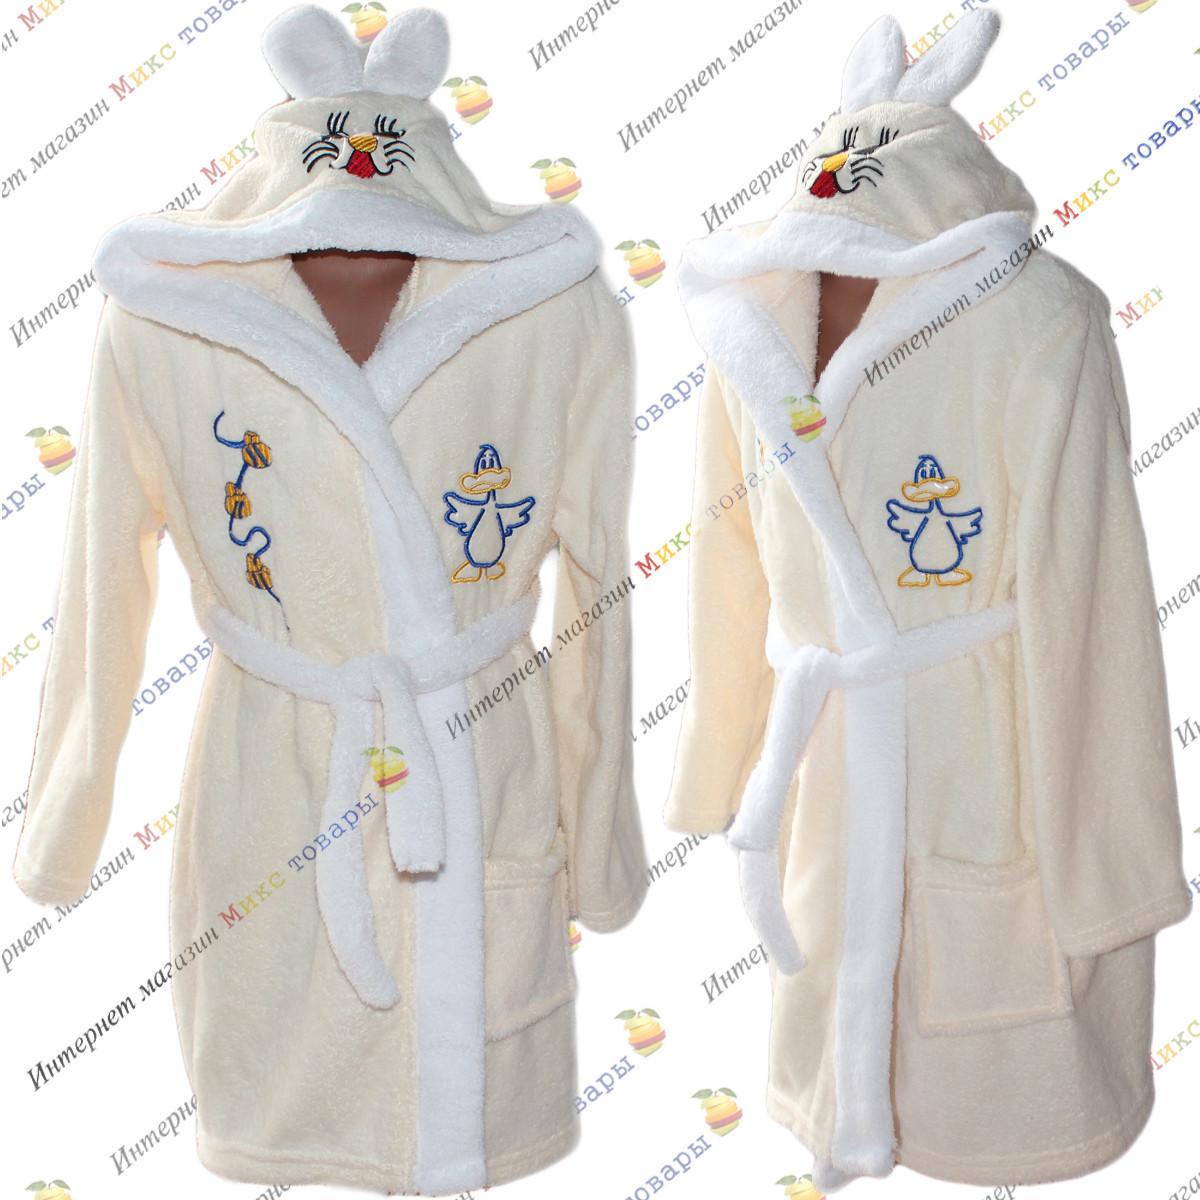 Детские махровые халаты для мальчика и девочки от 4 до 9 лет